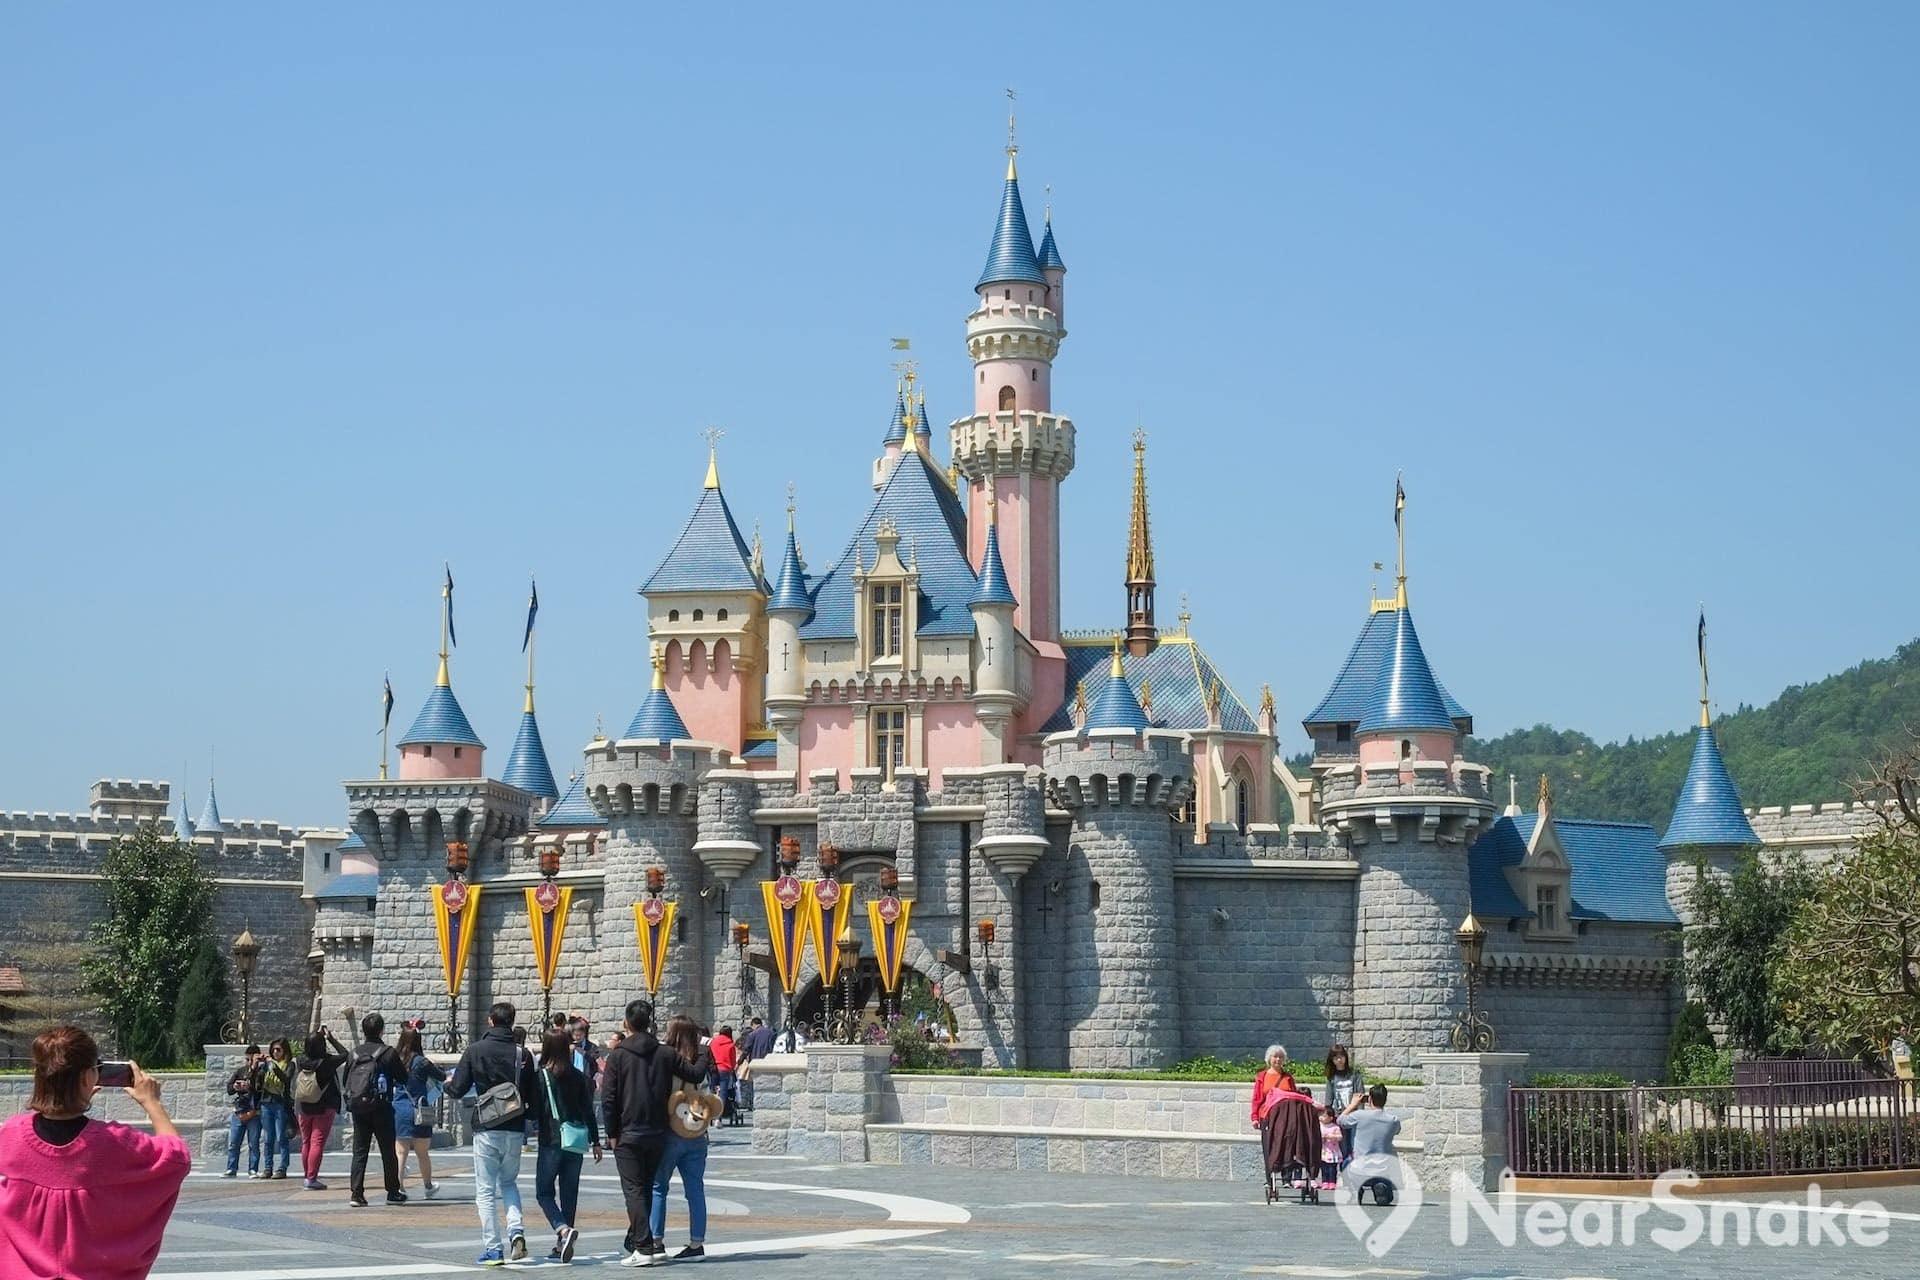 城堡是迪士尼樂園的標誌性建築。